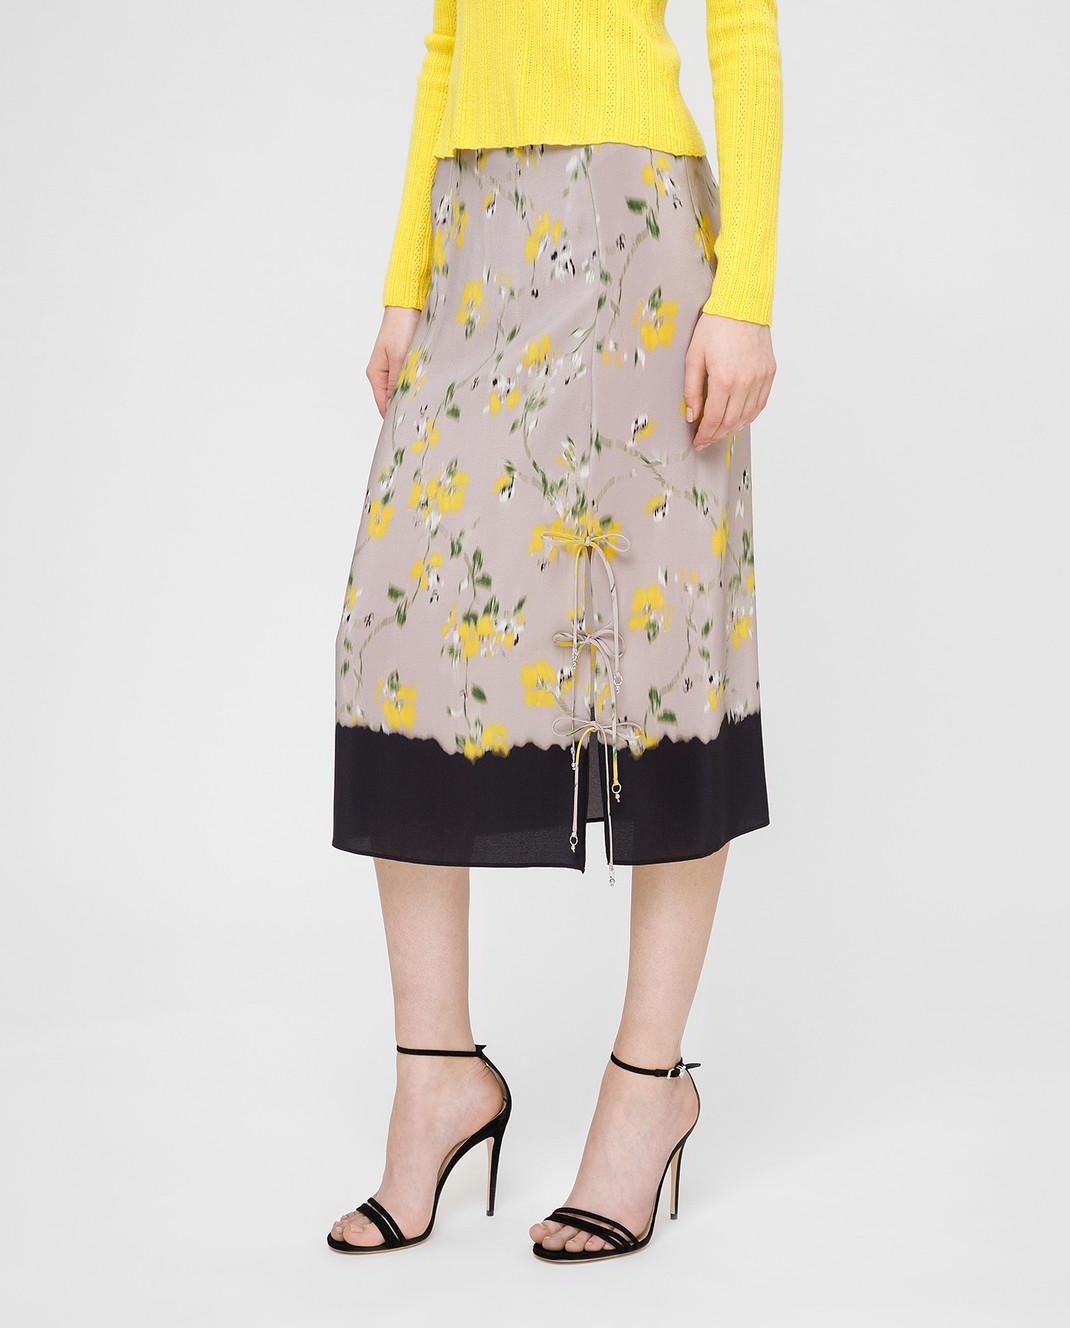 Altuzarra Серая юбка из шелка изображение 3